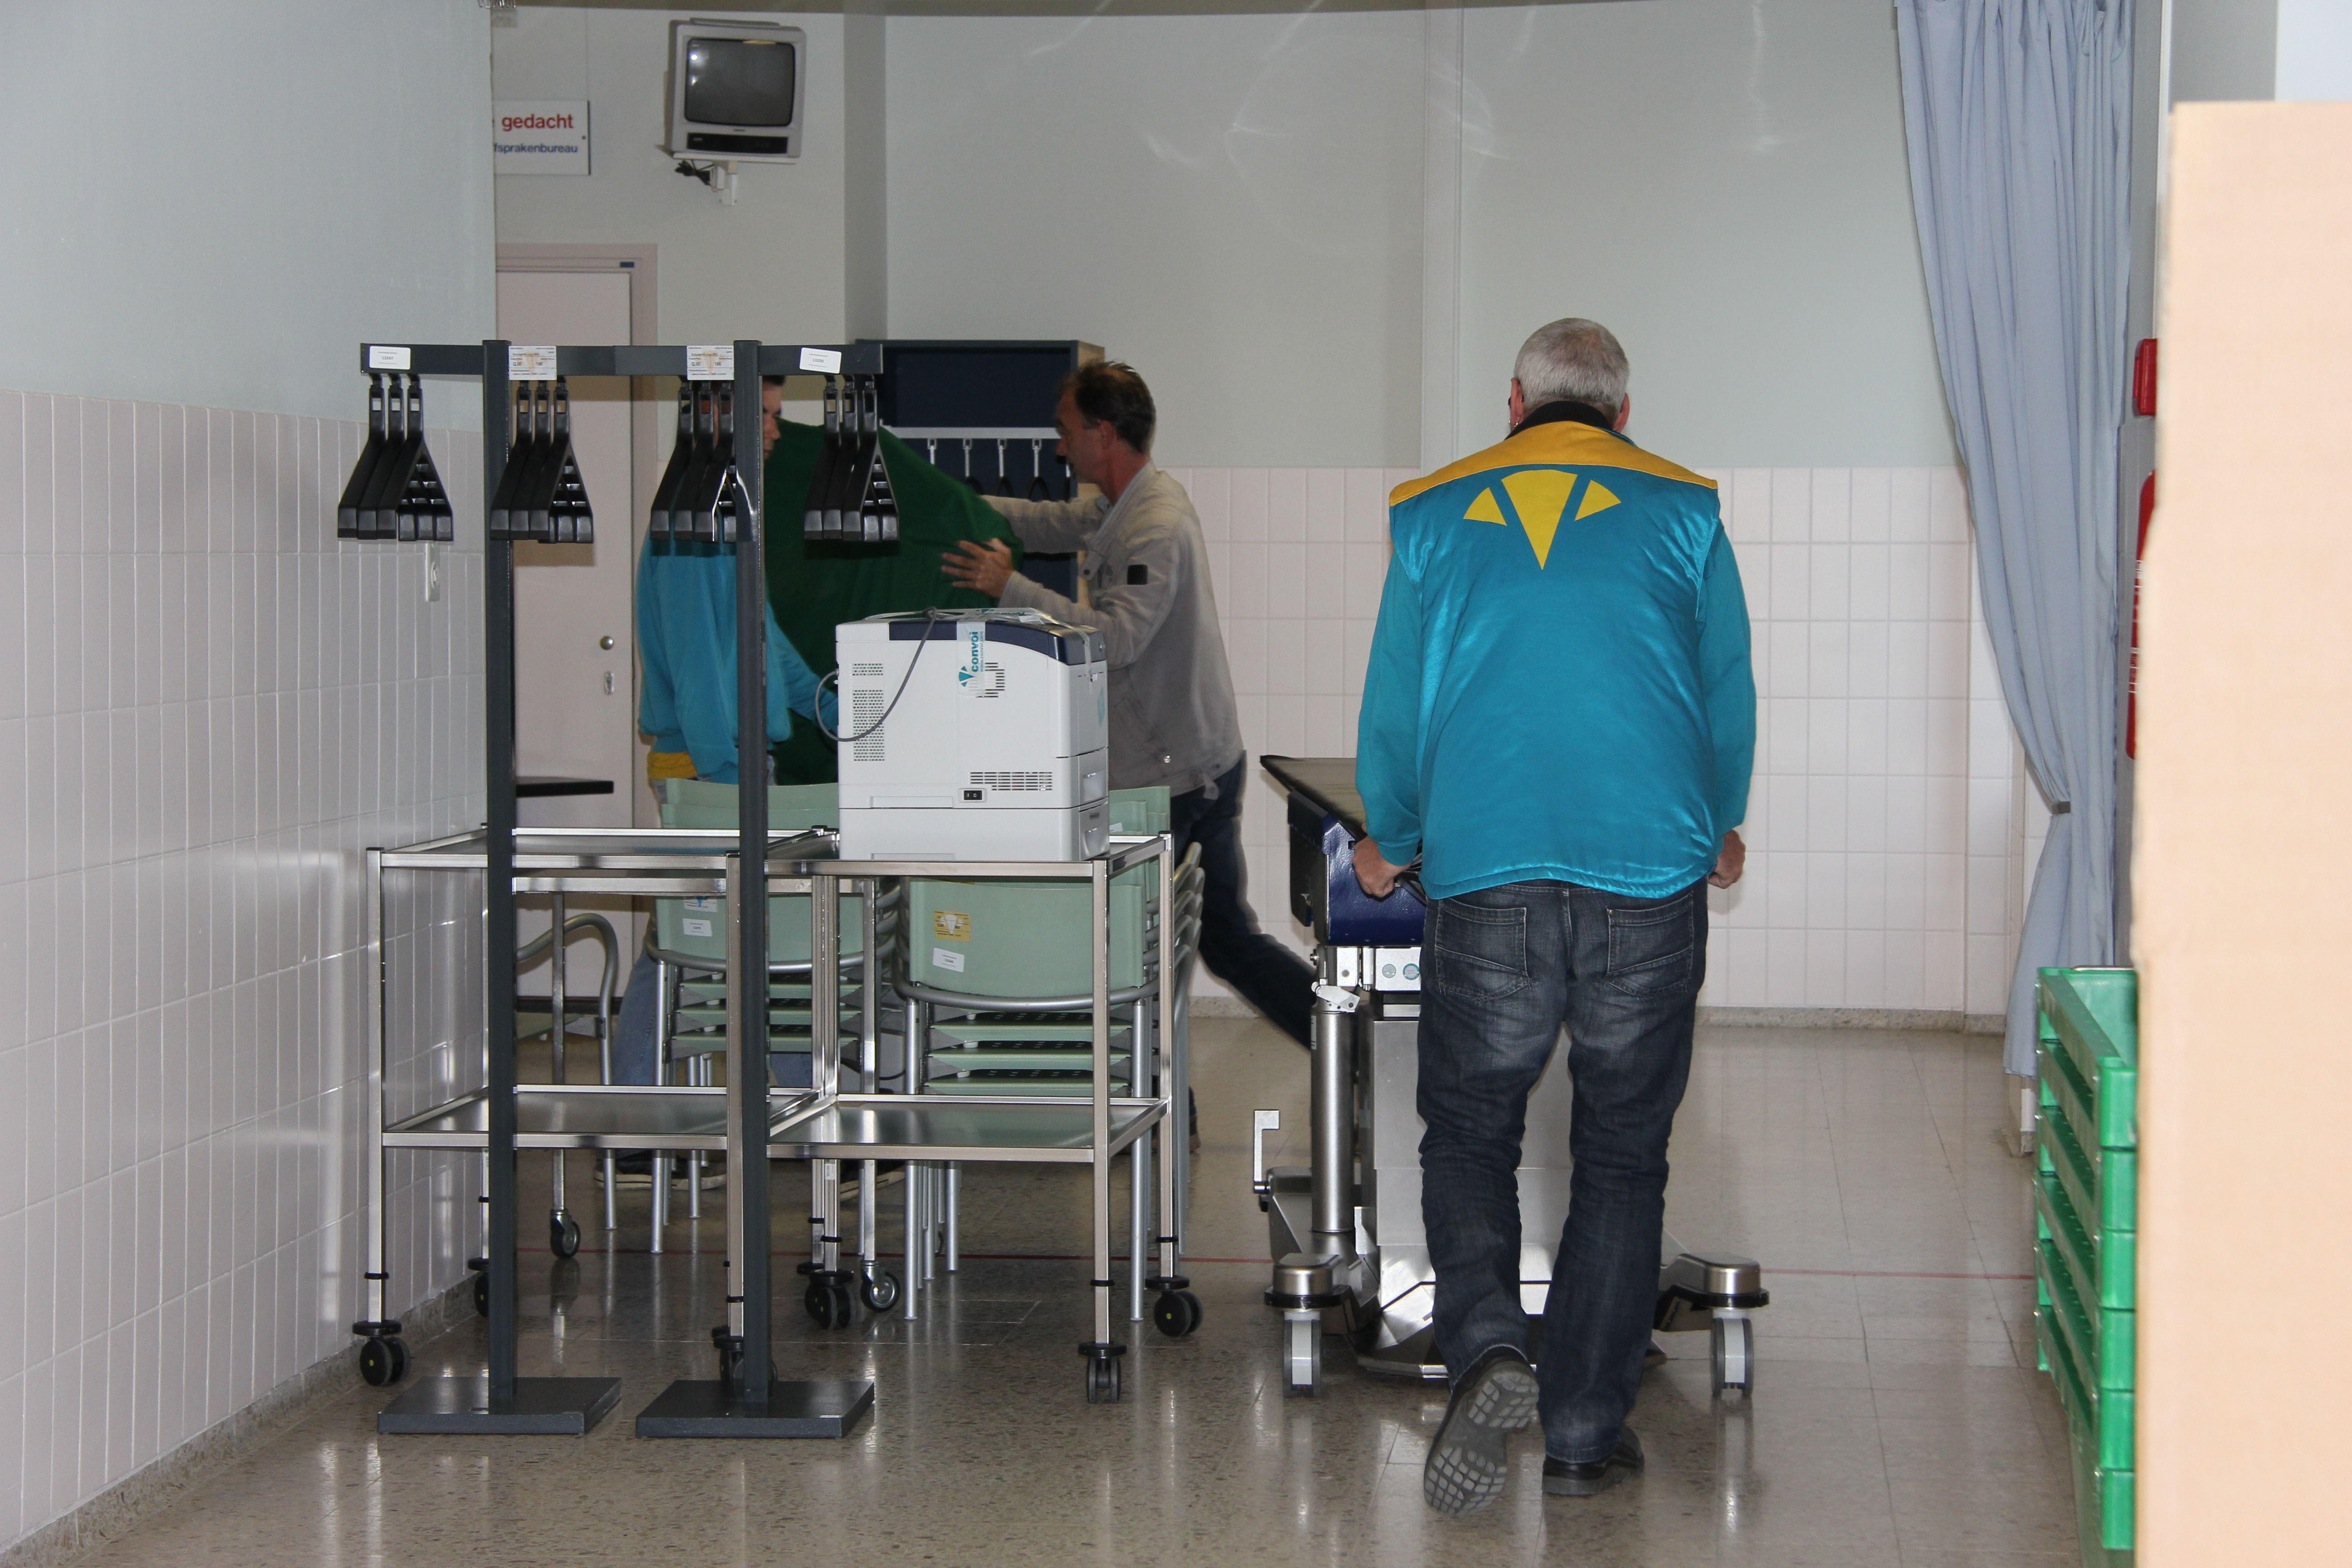 Vrijdag 4 september: POK (Poliklinische Operatiekamers) en Pijnbestrijding pakken de laatste spullen in Kerkrade om te verhuizen naar Vleugel B. www.zuyderland.nl/bouw